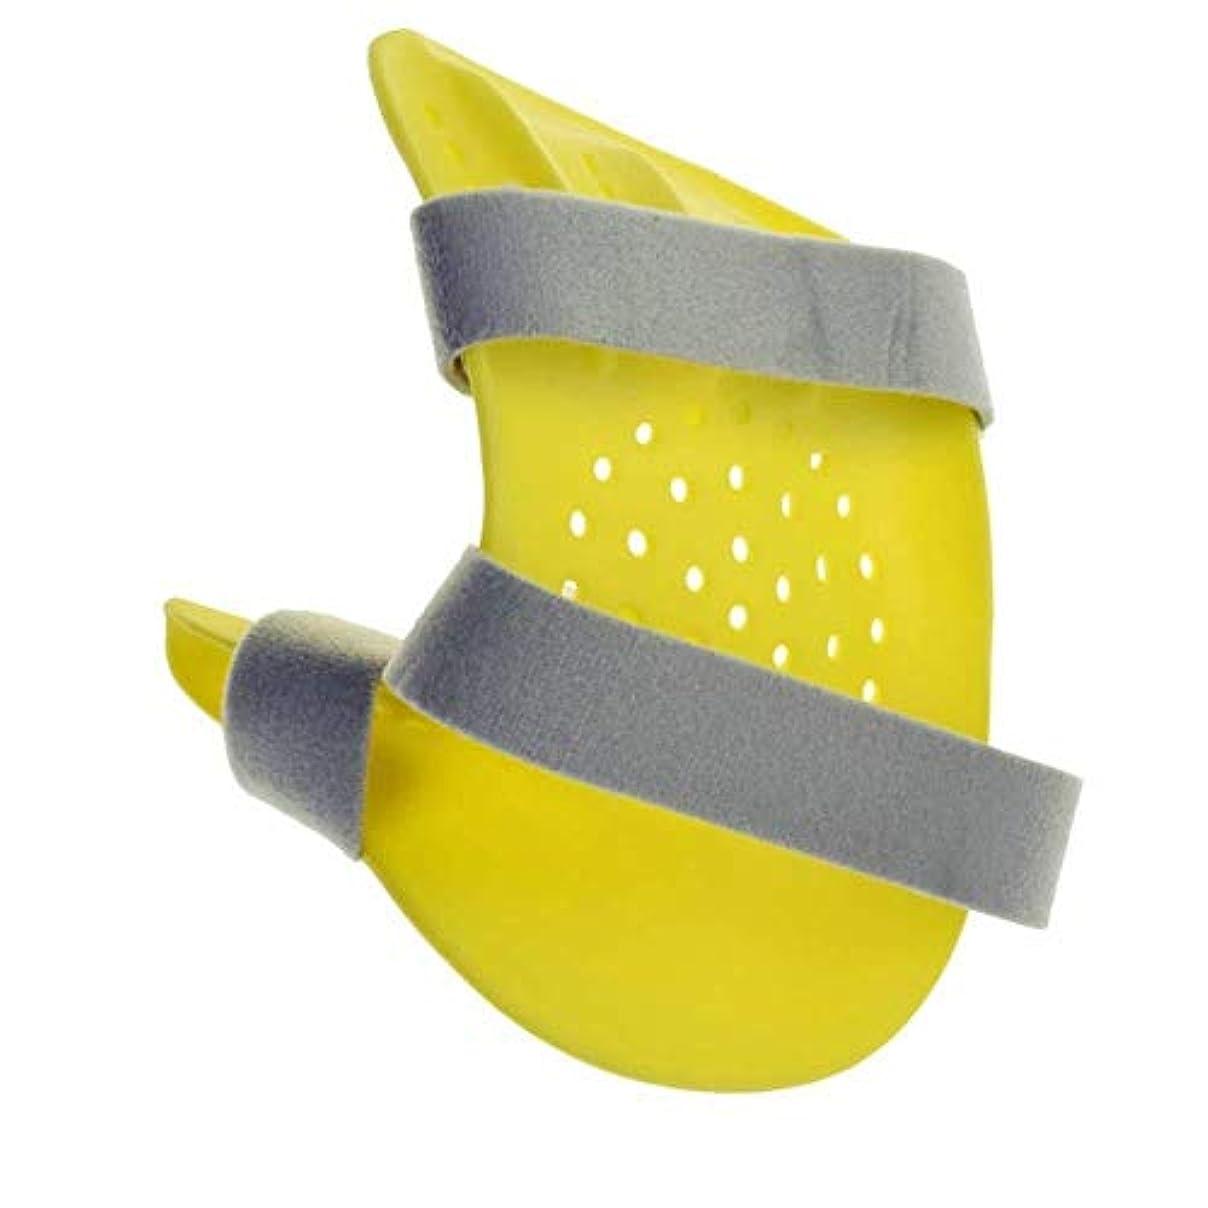 プラスバーター小数関節炎脳卒中片麻痺リハビリテーションのための指の添え木、セパレーター矯正器、ハンドリストトレーニング装具装具サポート (Color : Right)